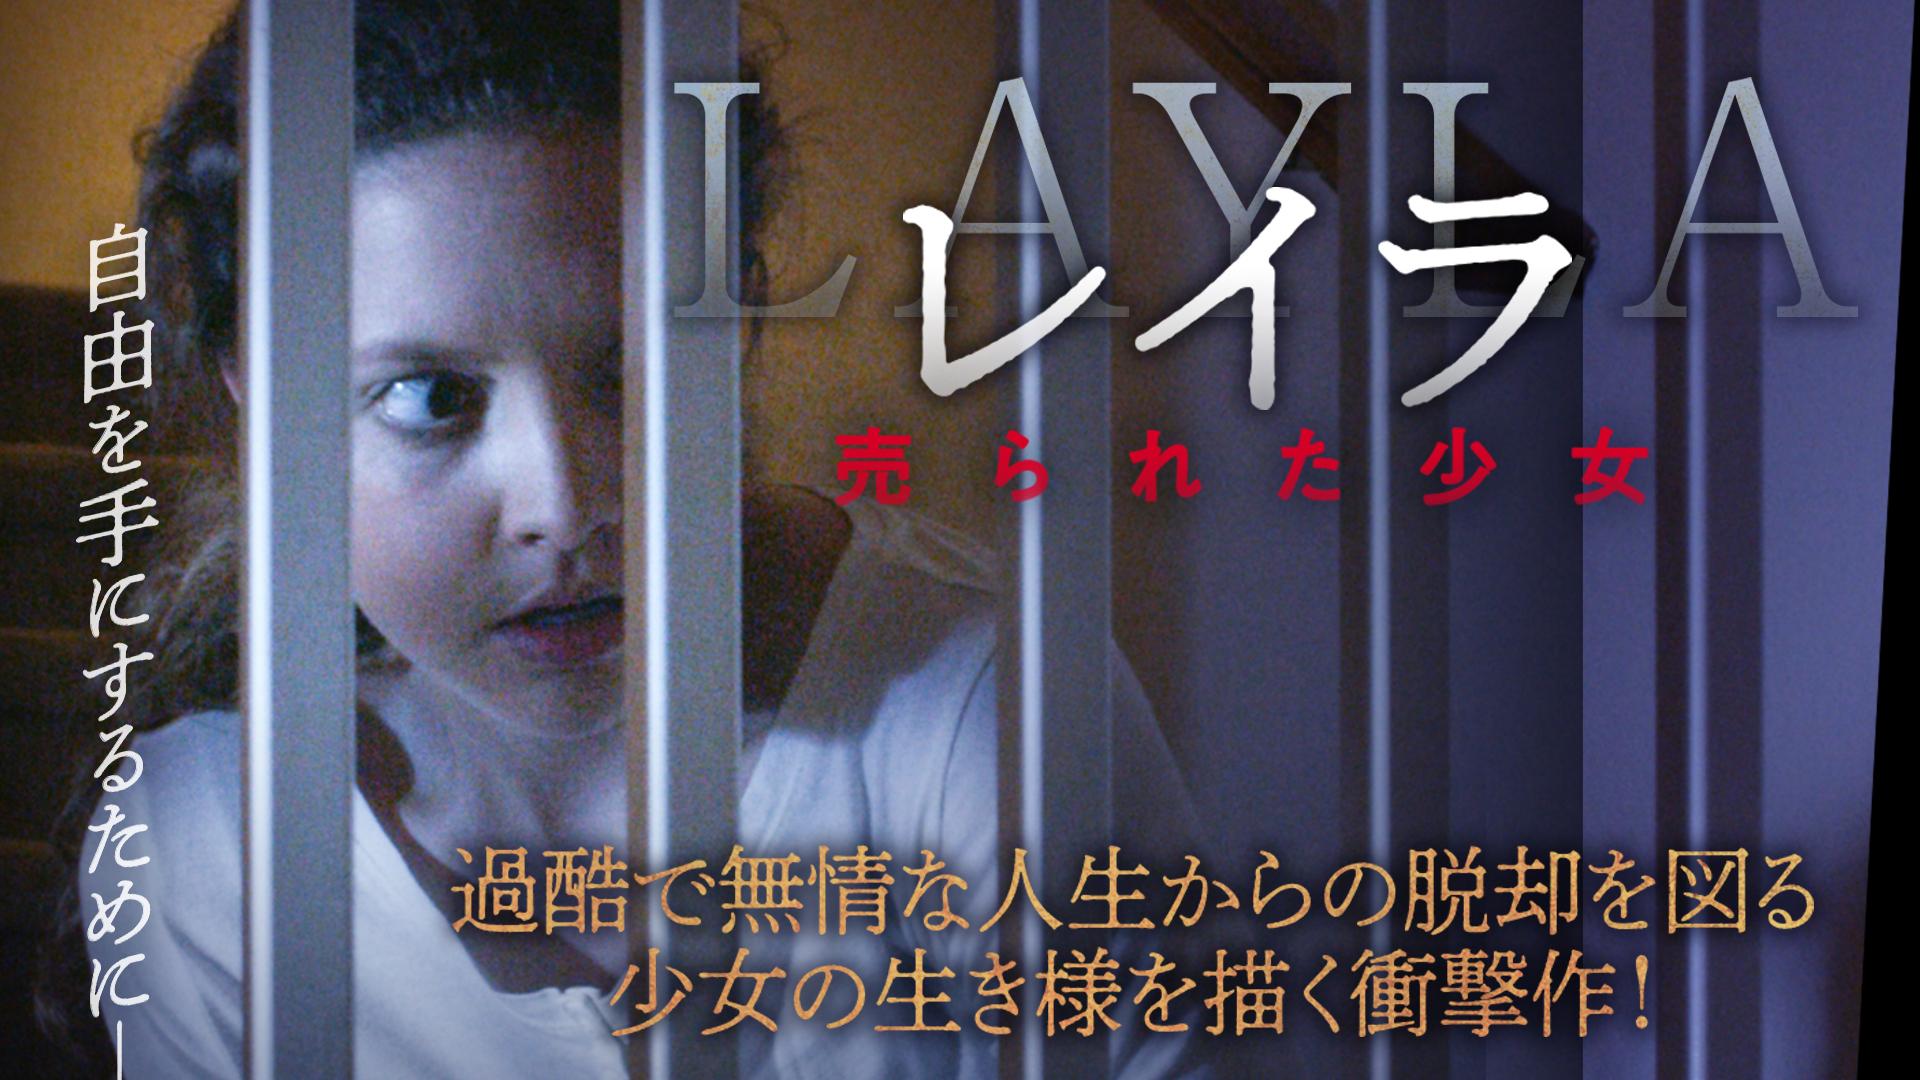 レイラ 売られた少女(字幕版)